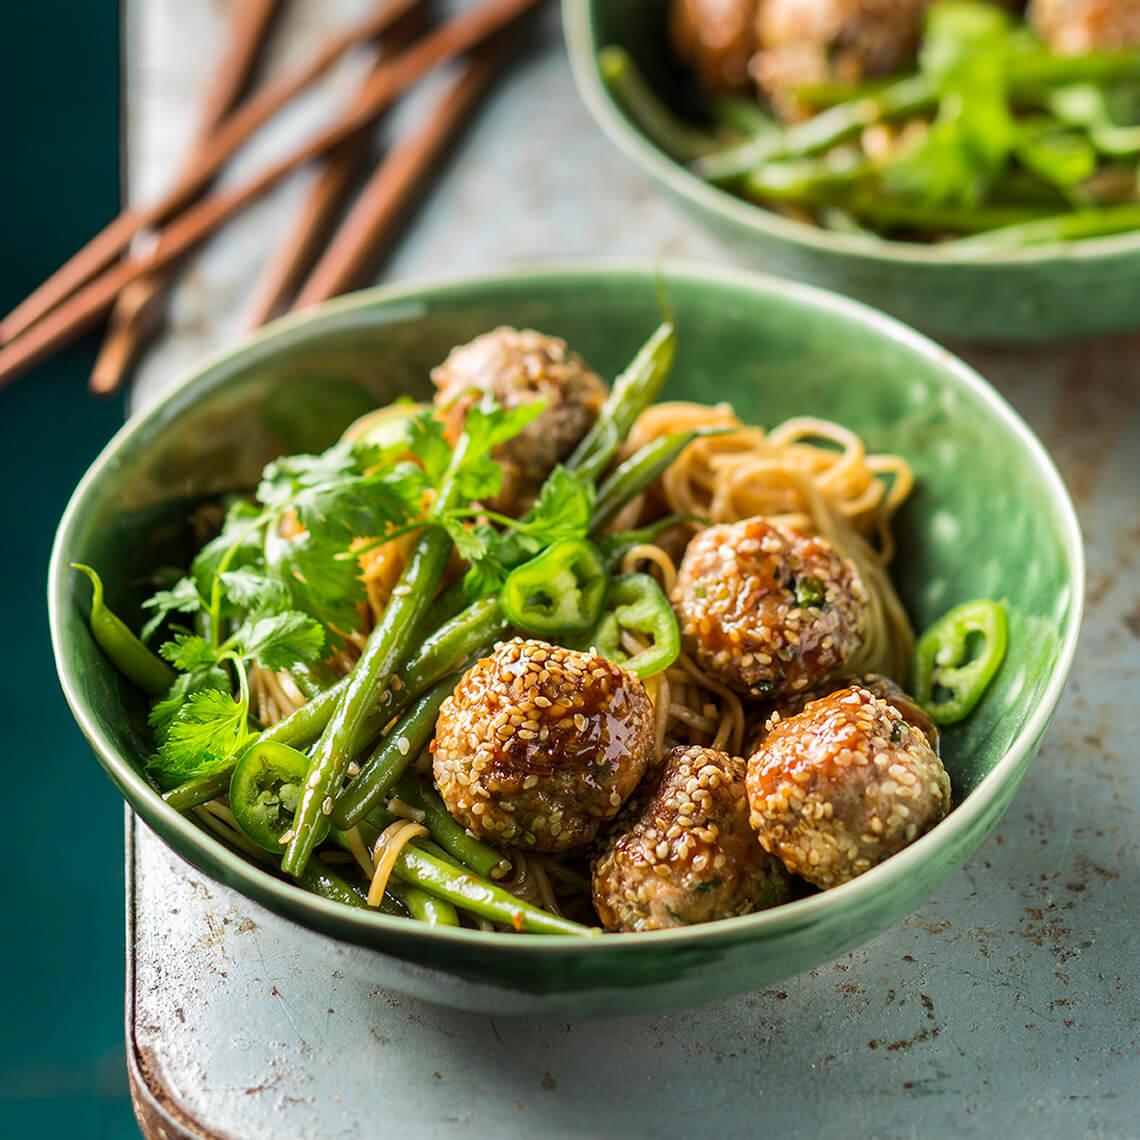 Sesame pork meatballs and noodles